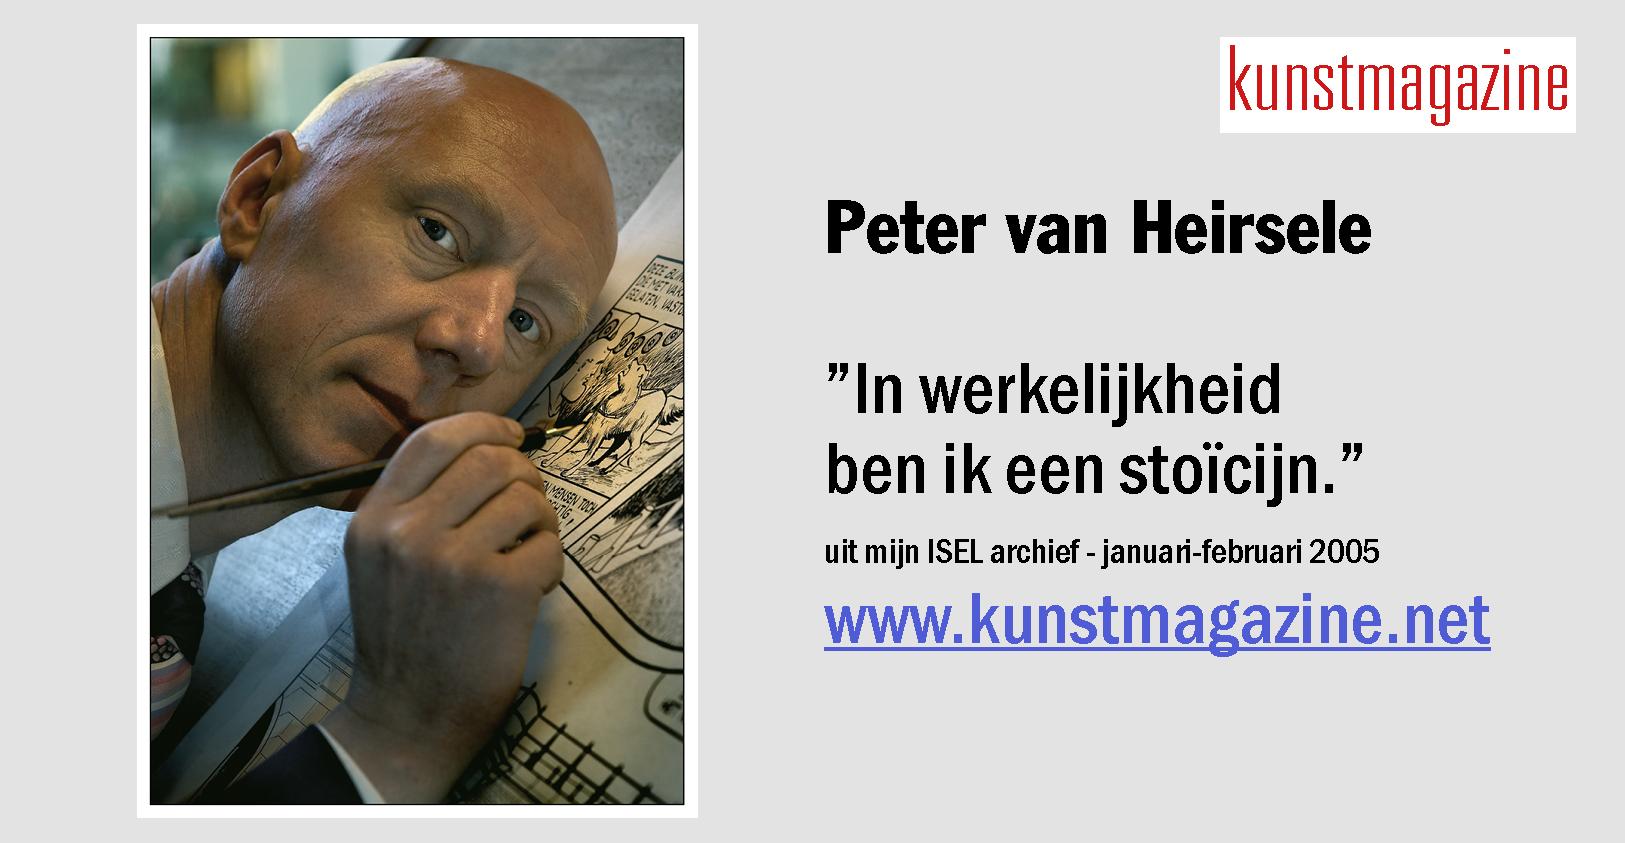 PETER VAN HEIRSELE